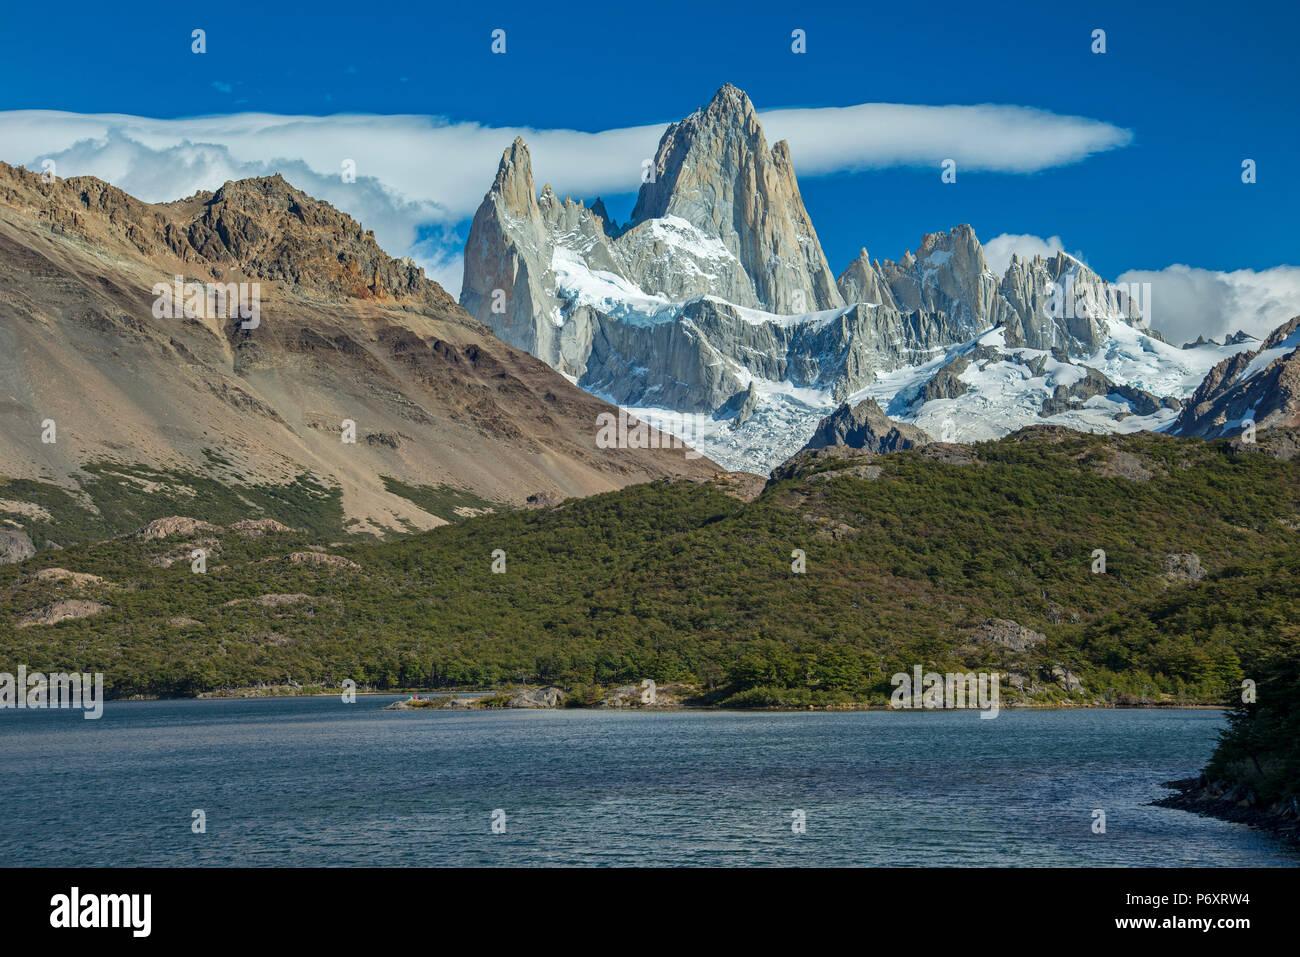 South America, Patagonia, Argentina, Santa Cruz, El Chalten, Los Glaciares National Park - Stock Image